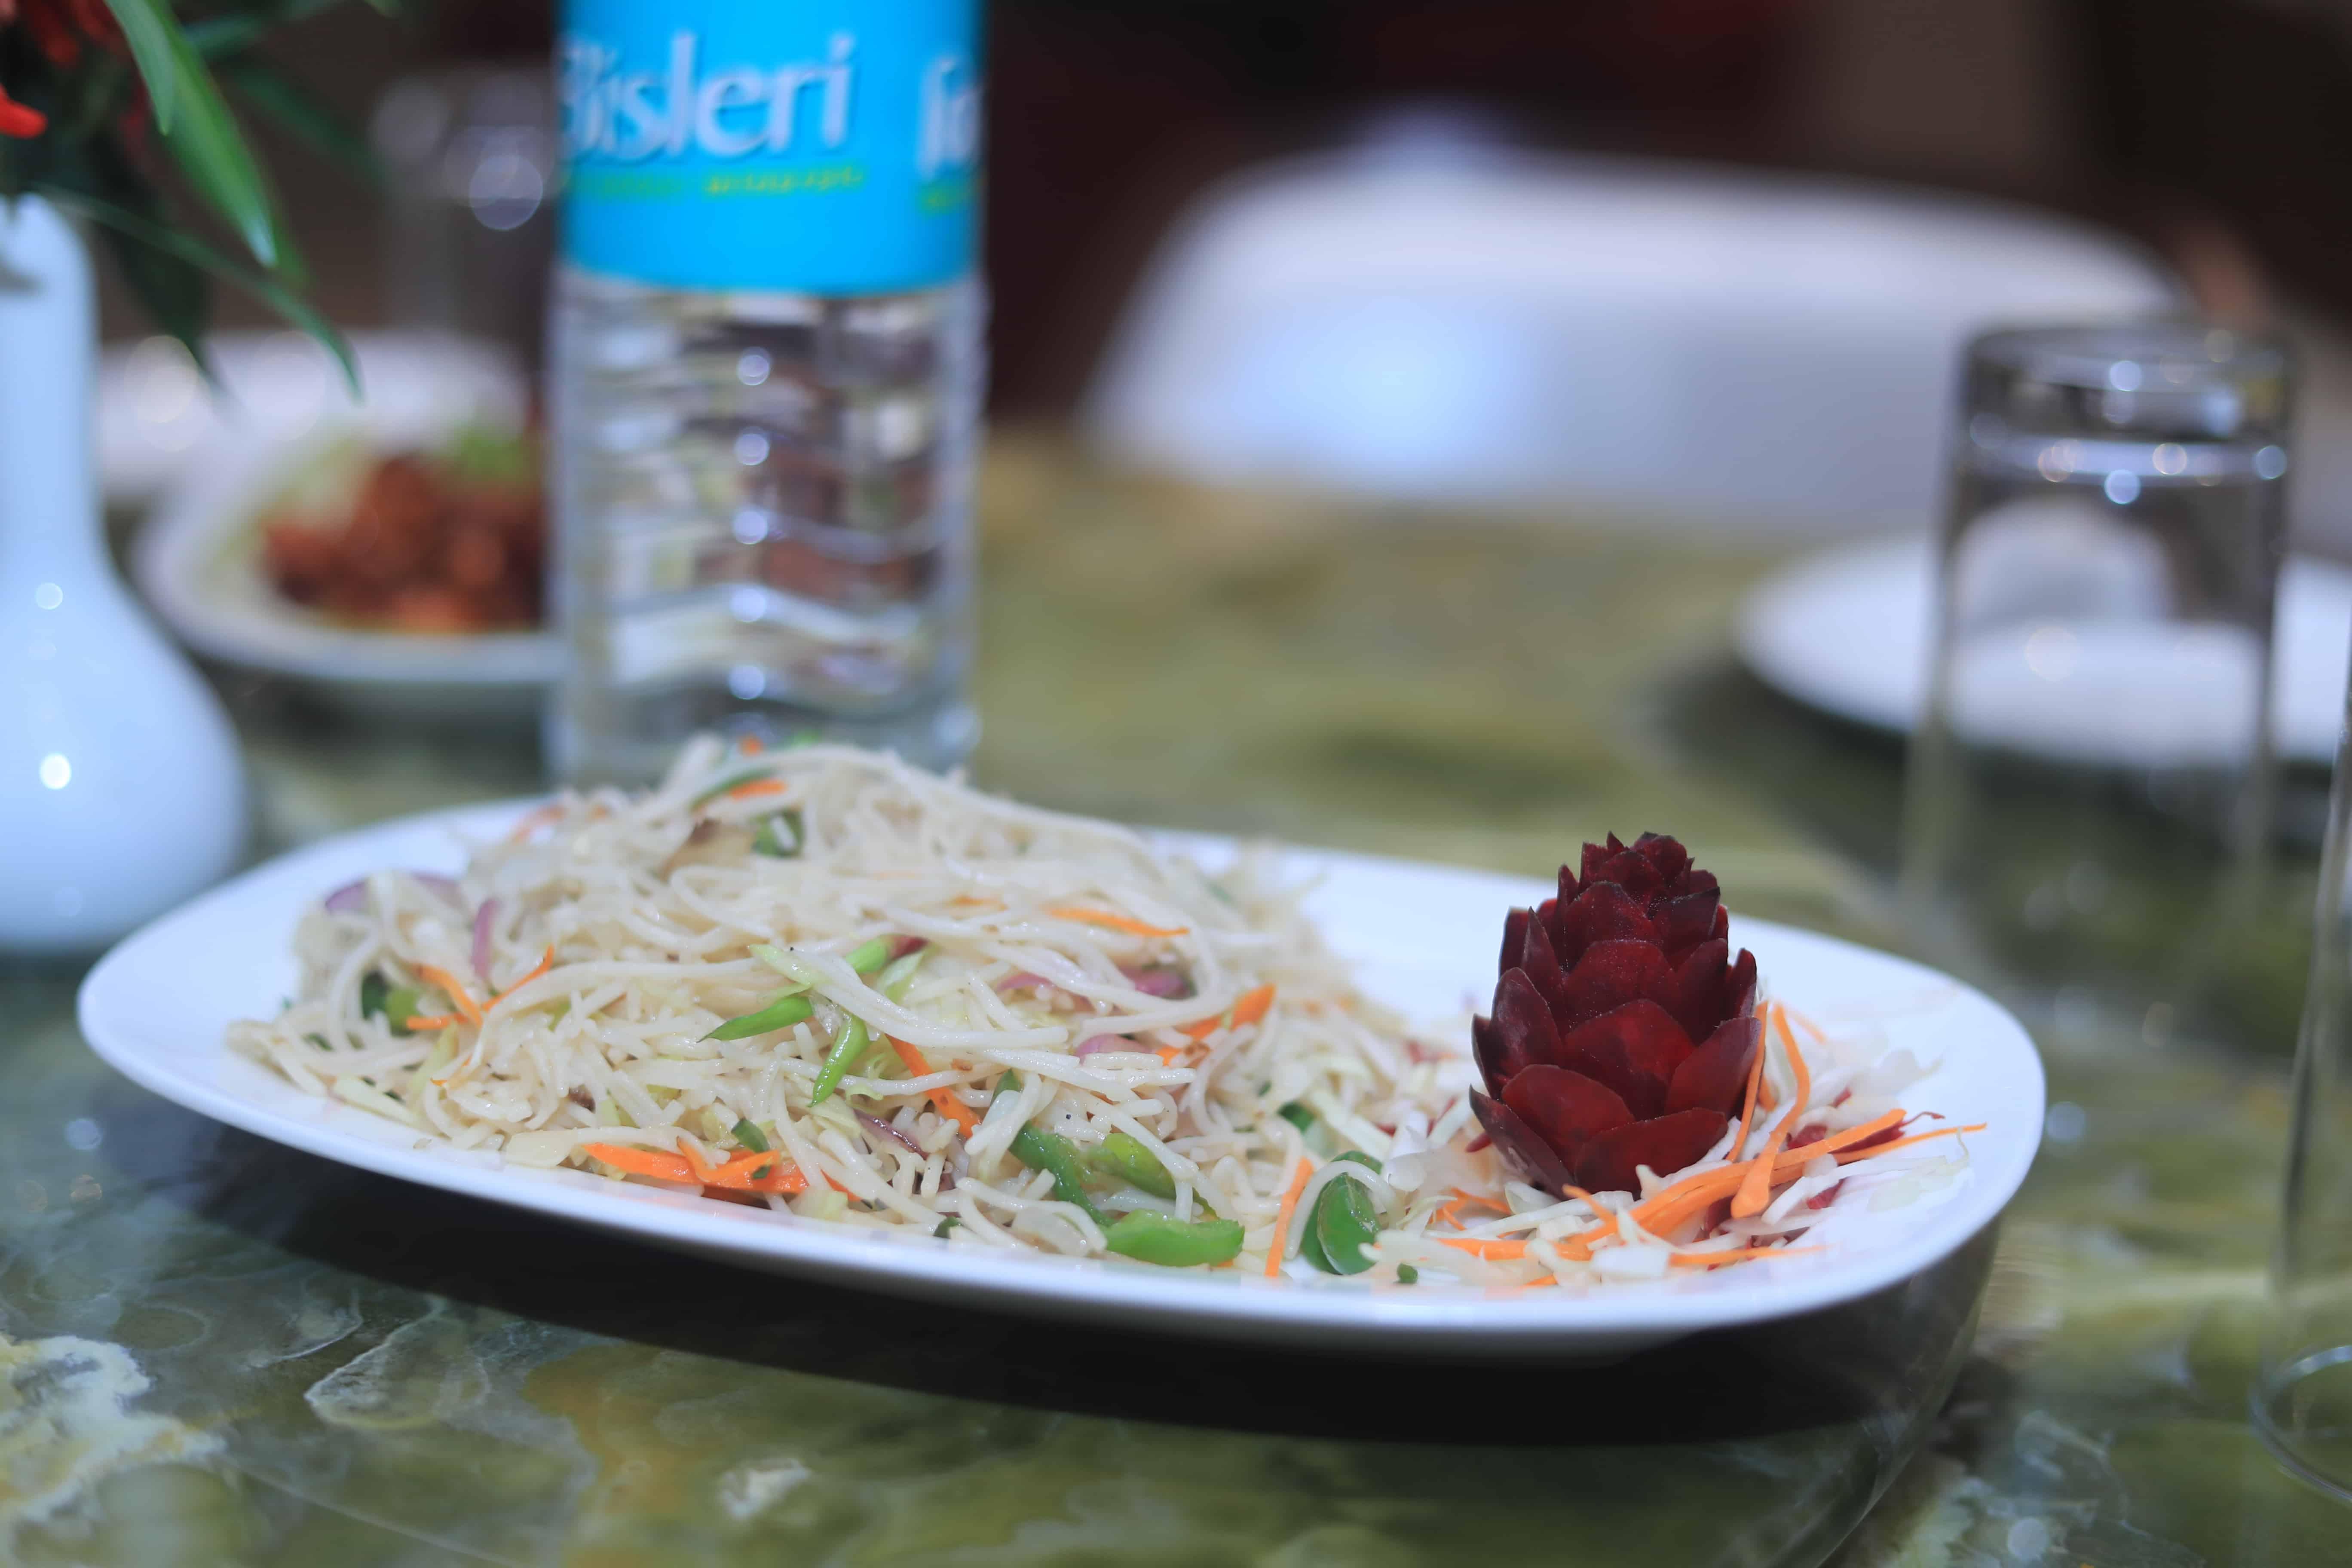 Bindiram Hotel - Dishes